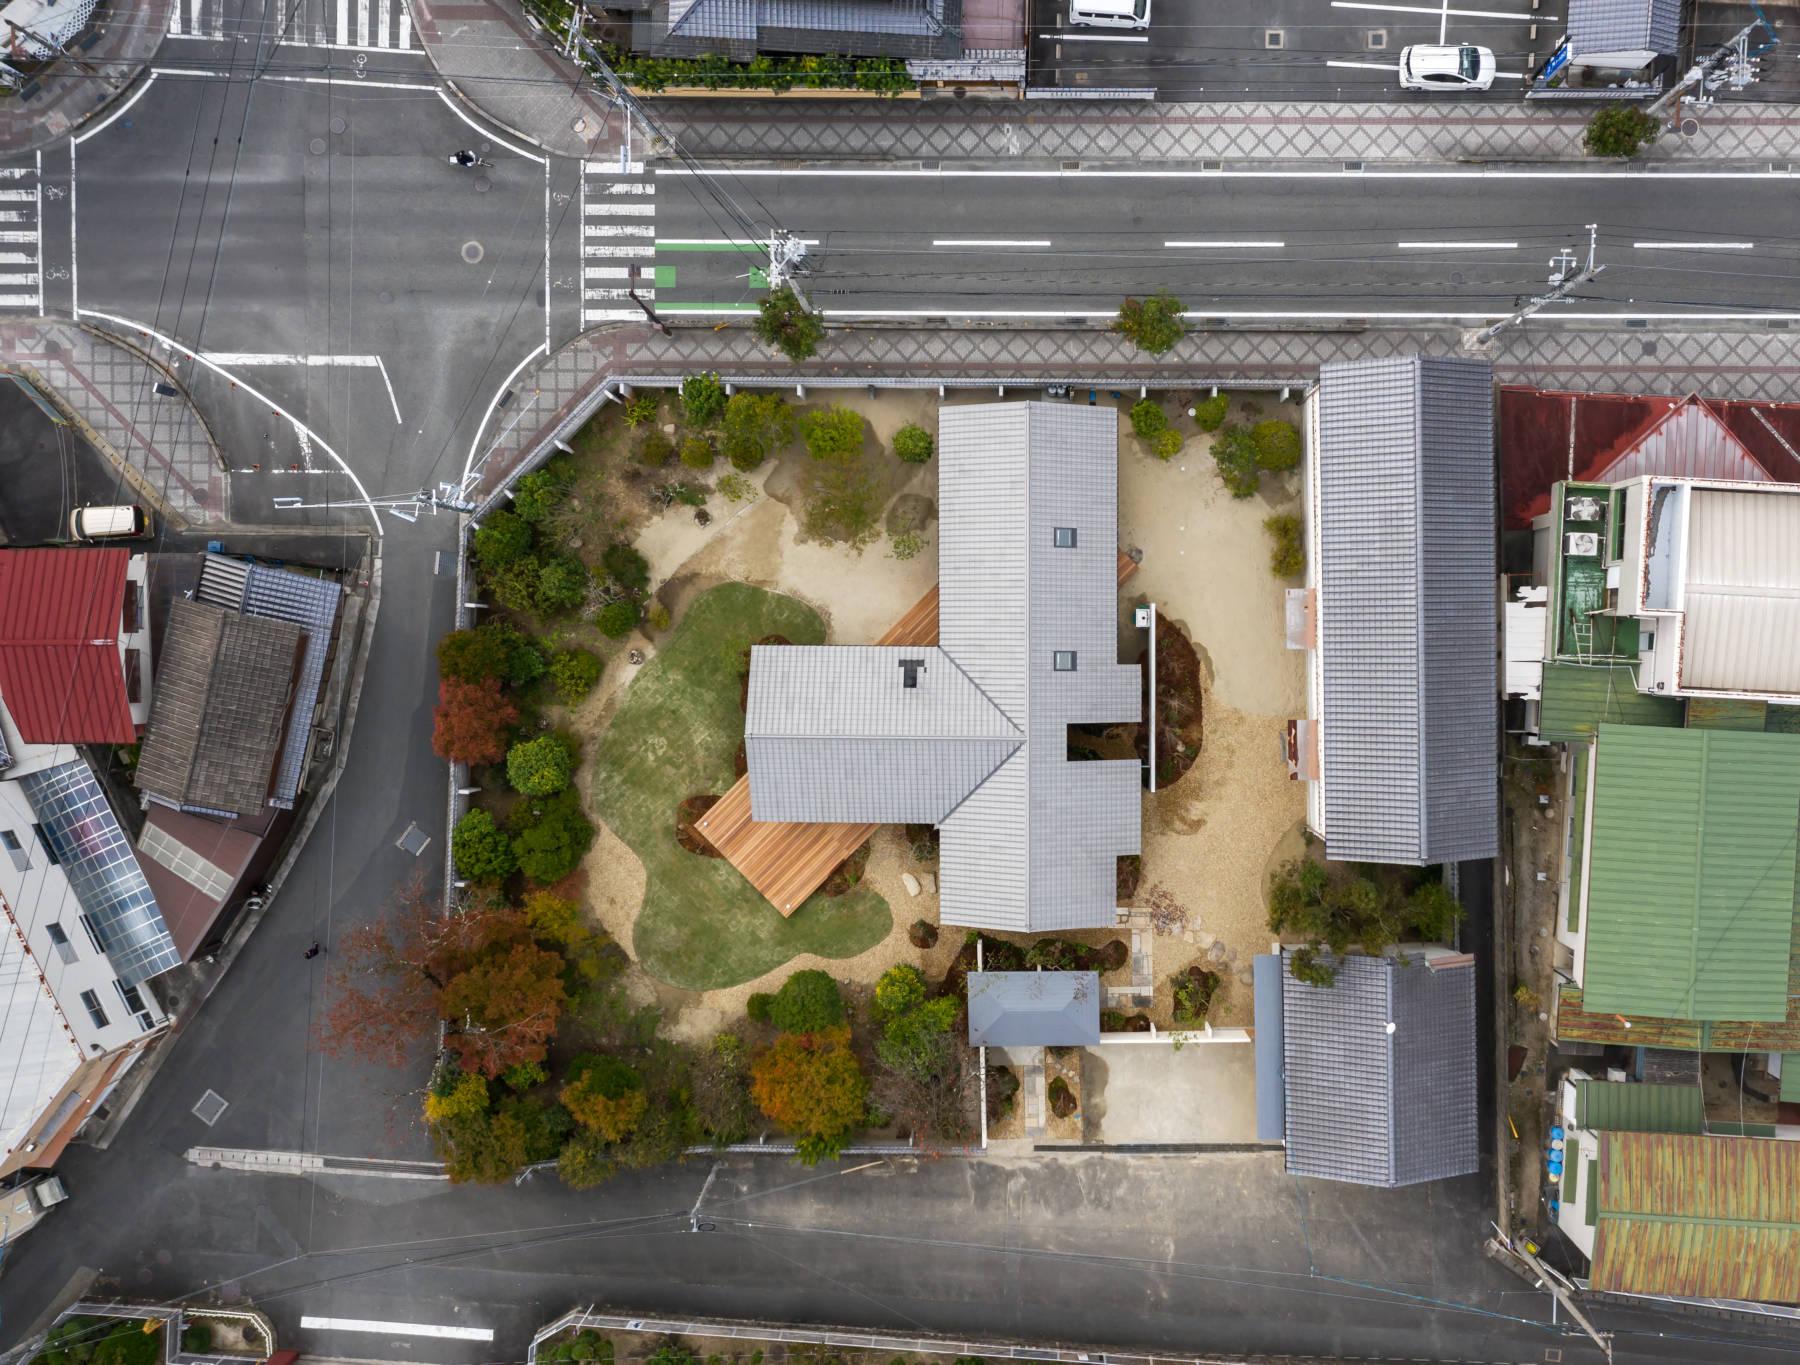 高梁の家 街並みに溶け込む瓦屋根の平屋